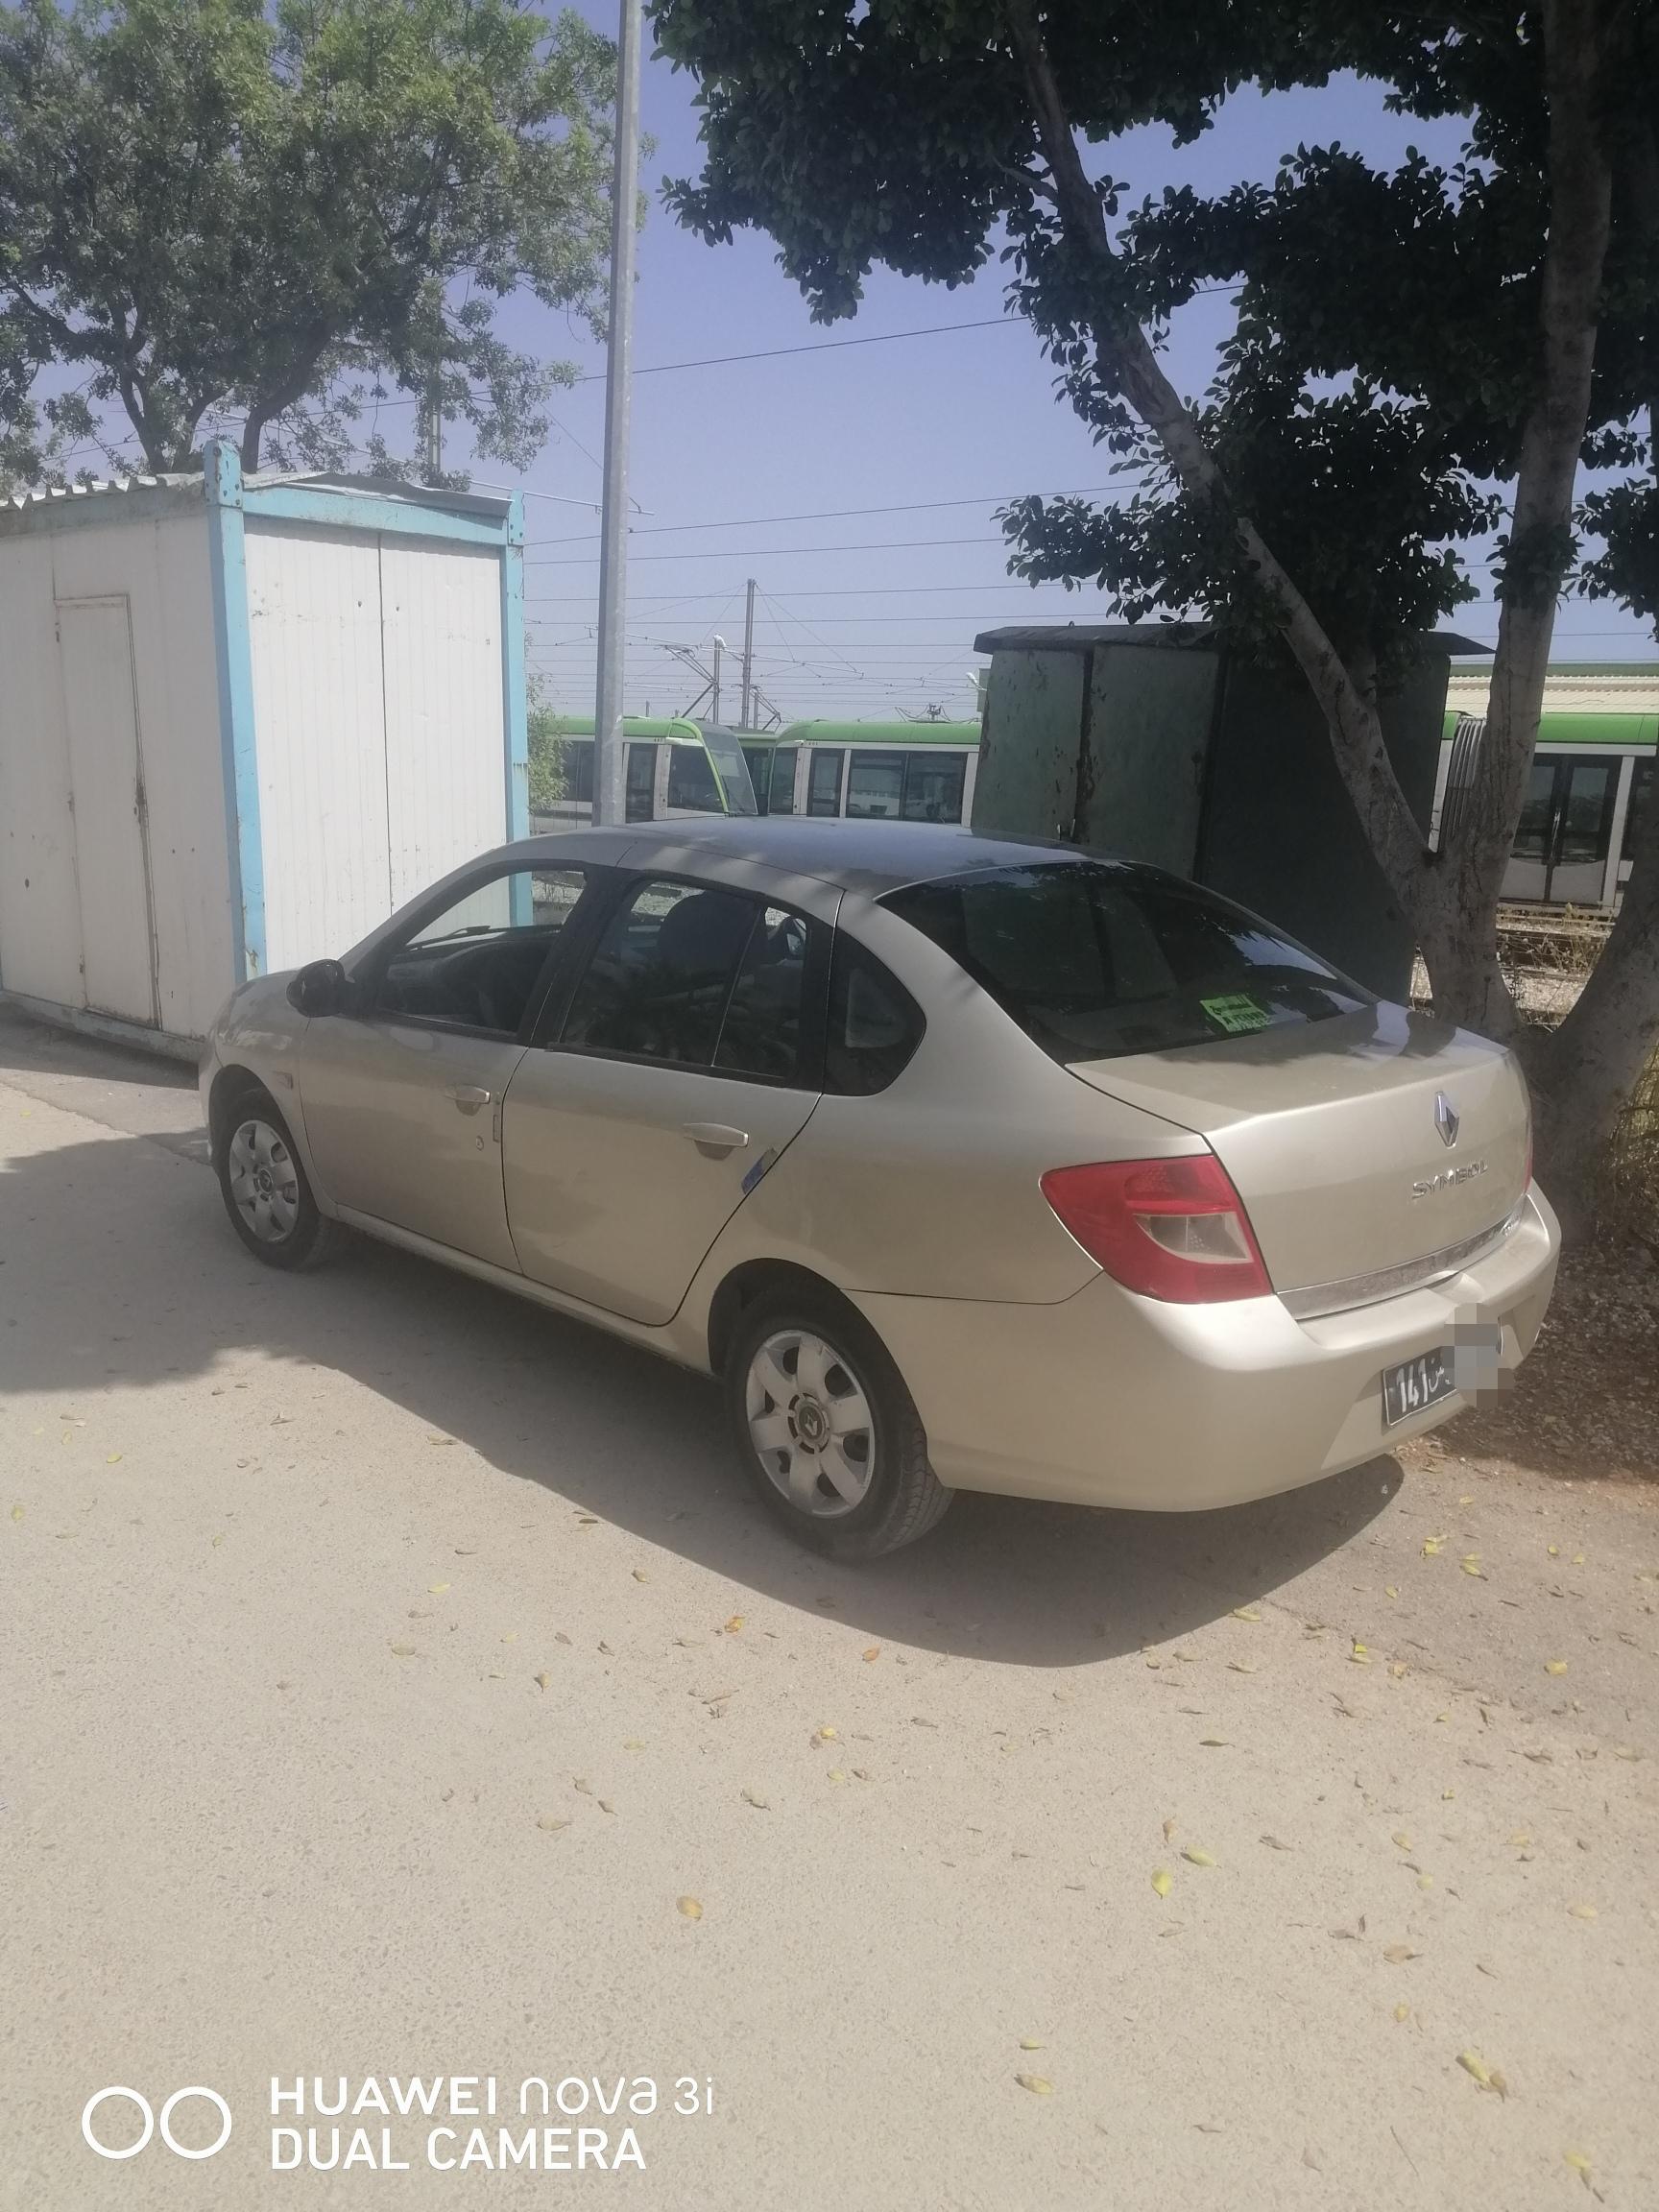 vente voiture occasion tunisie renault symbol